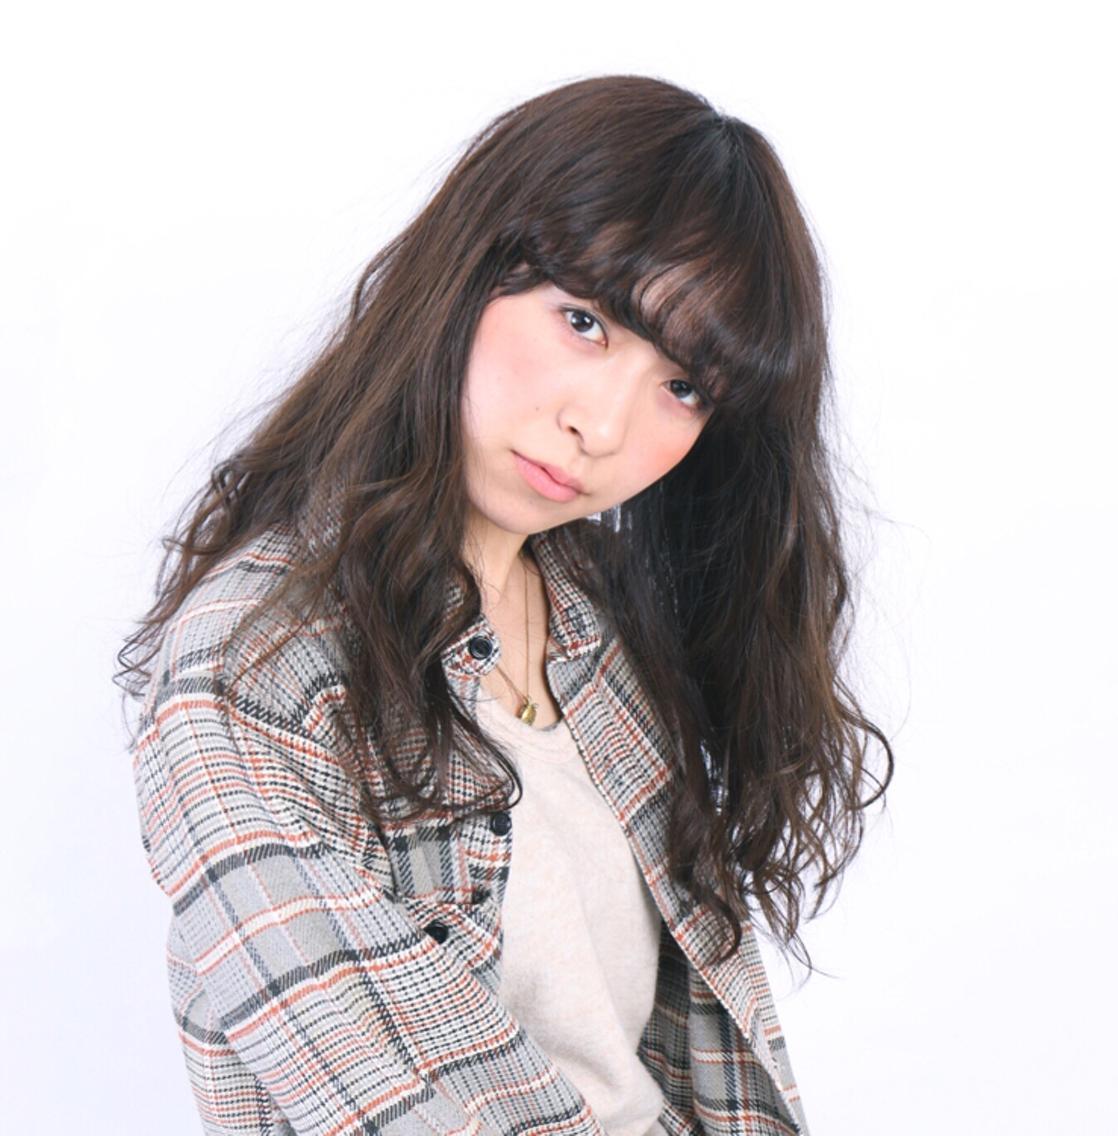 【当日予約OK!】カット、カラー、パーマ各税込3240円!